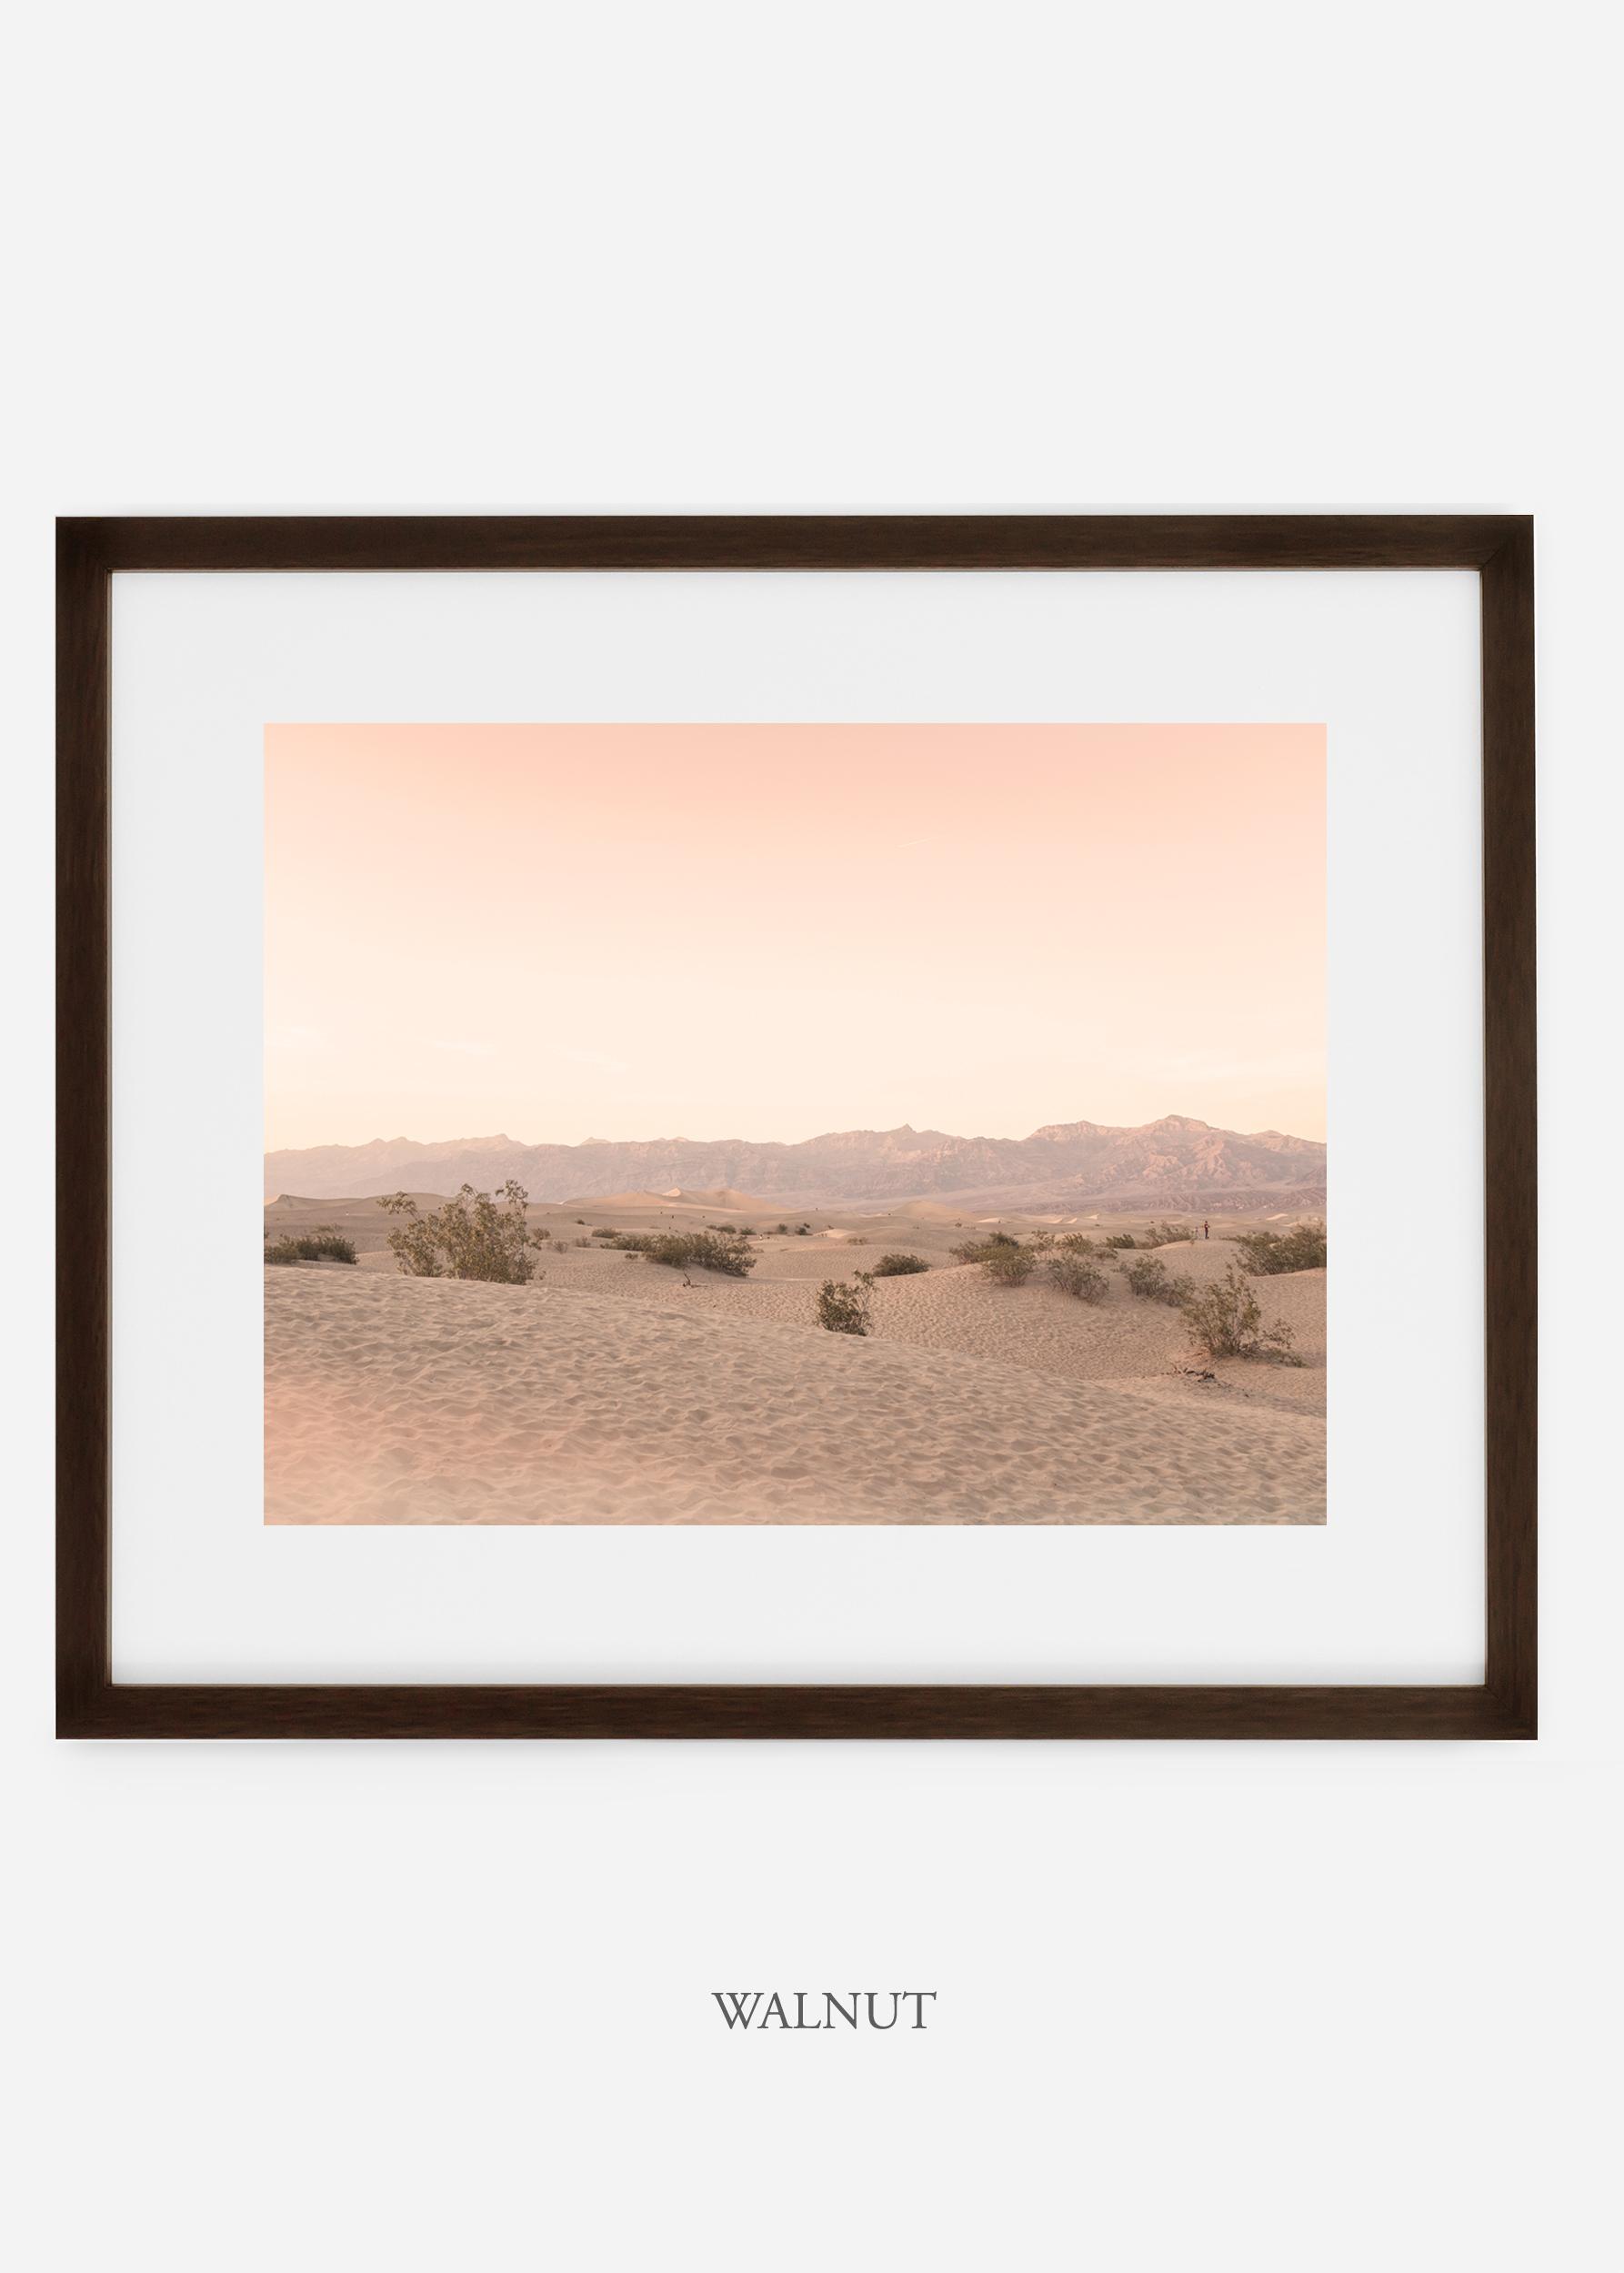 wildercalifornia_walnutframe_deathvalley_4_minimal_cactus_art_interiordesign_blackandwhite.jpg